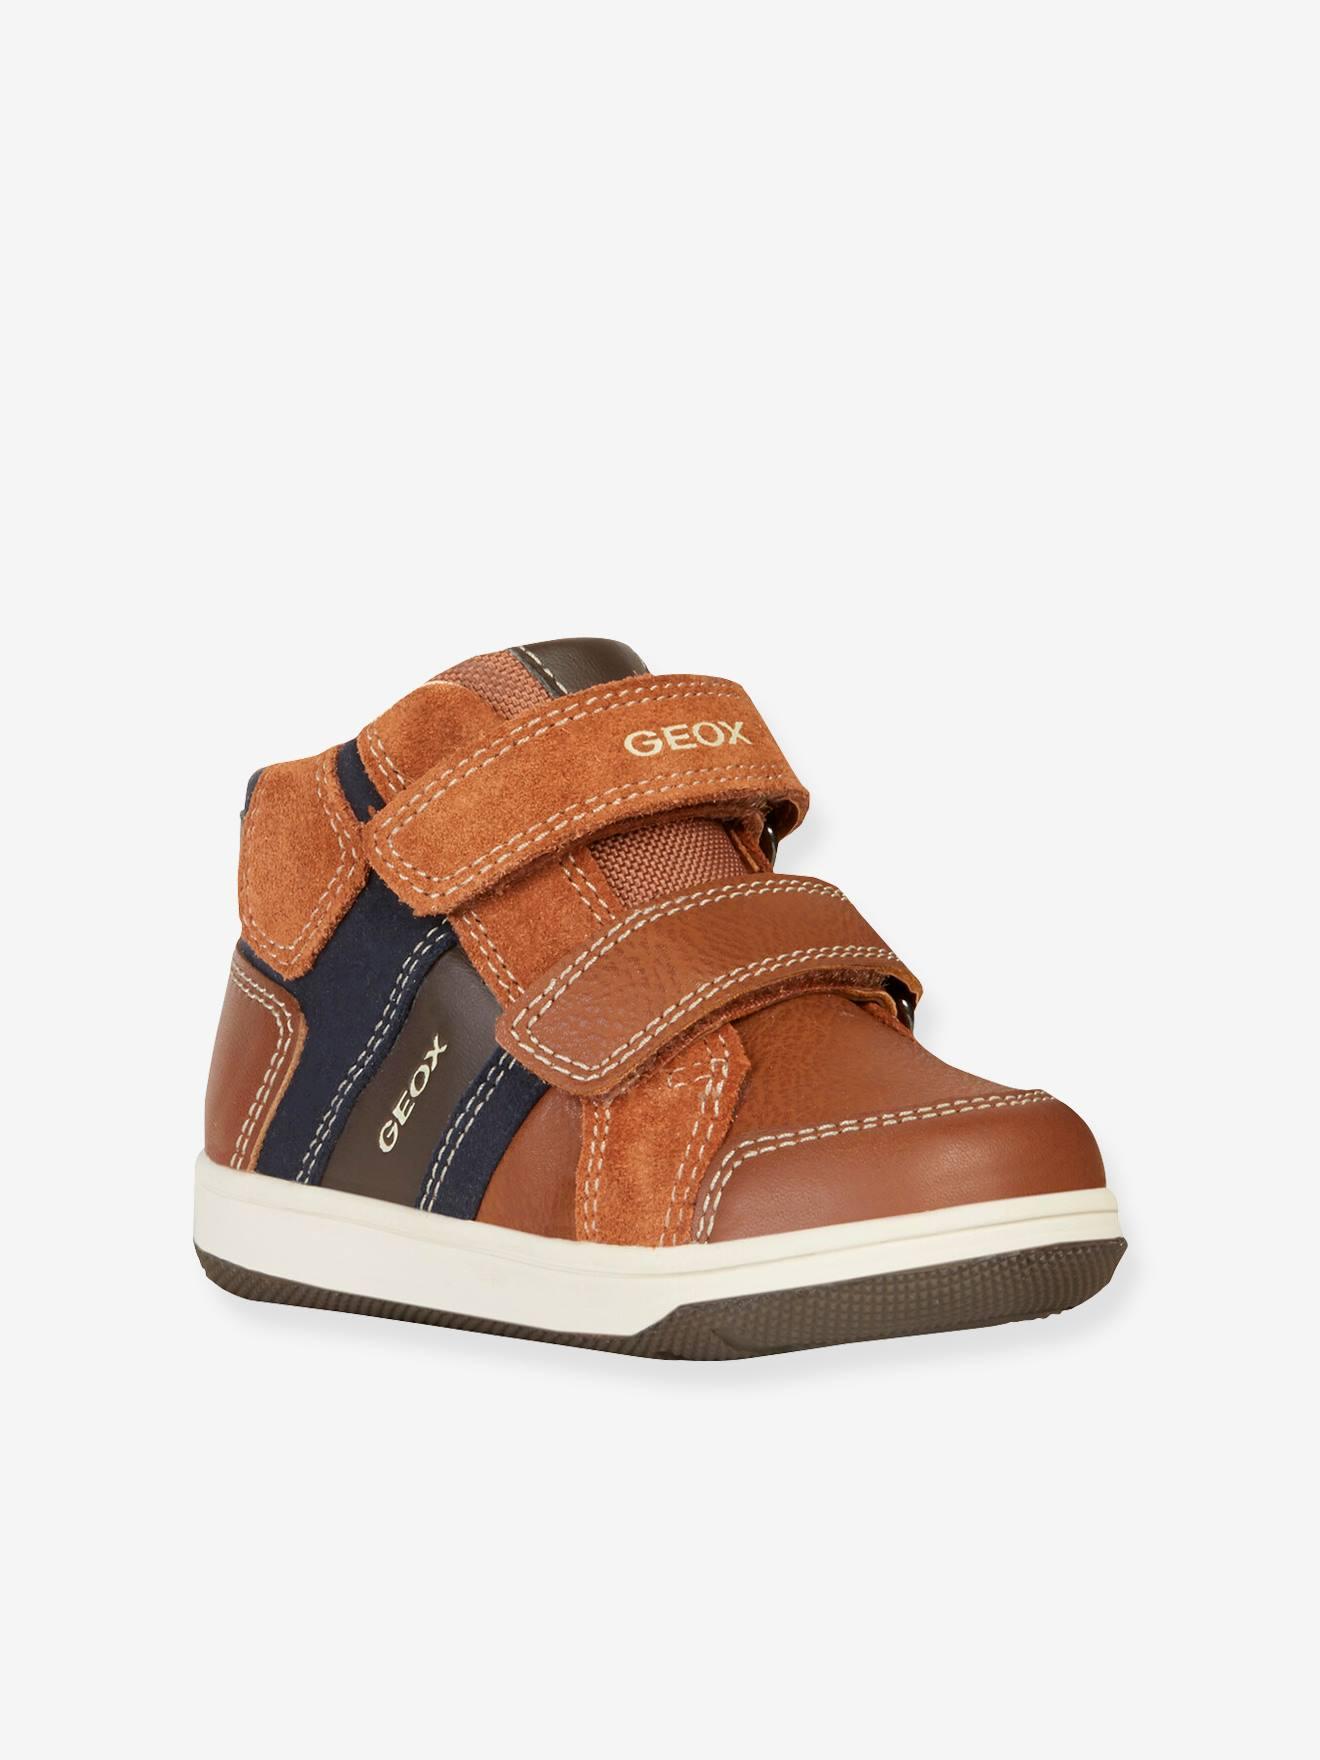 chaussure geox garçon, Garçon Baskets mode Baby Flick Marron